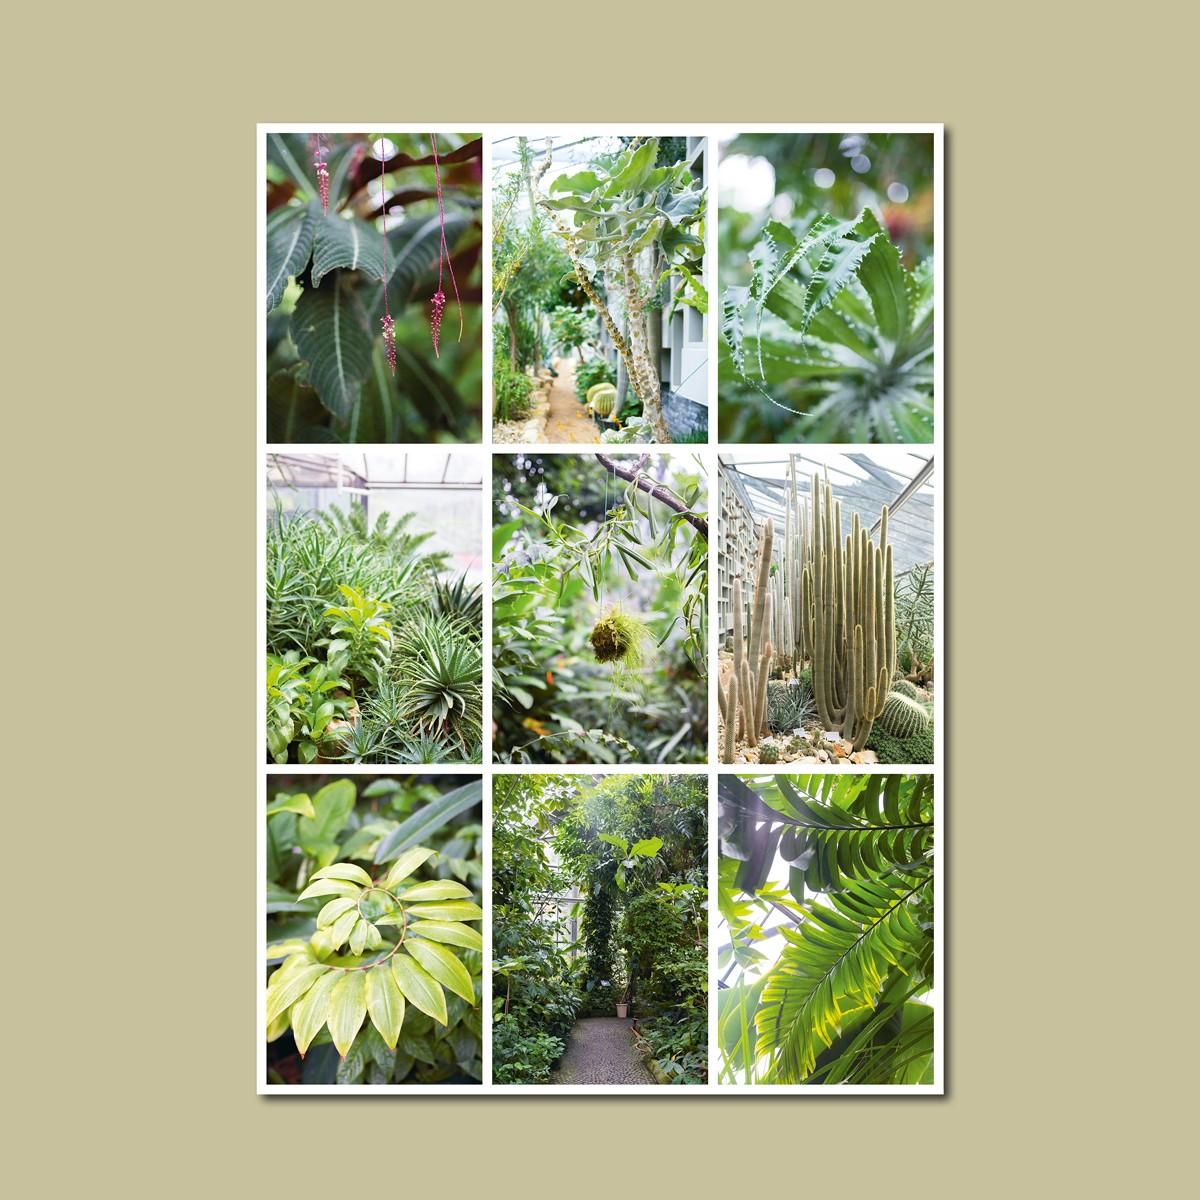 'Tropengewächse' limitierter Fotodruck auf Naturpapier, DIN A2, klimaneutral gedruckt / Ankerwechsel Verlag